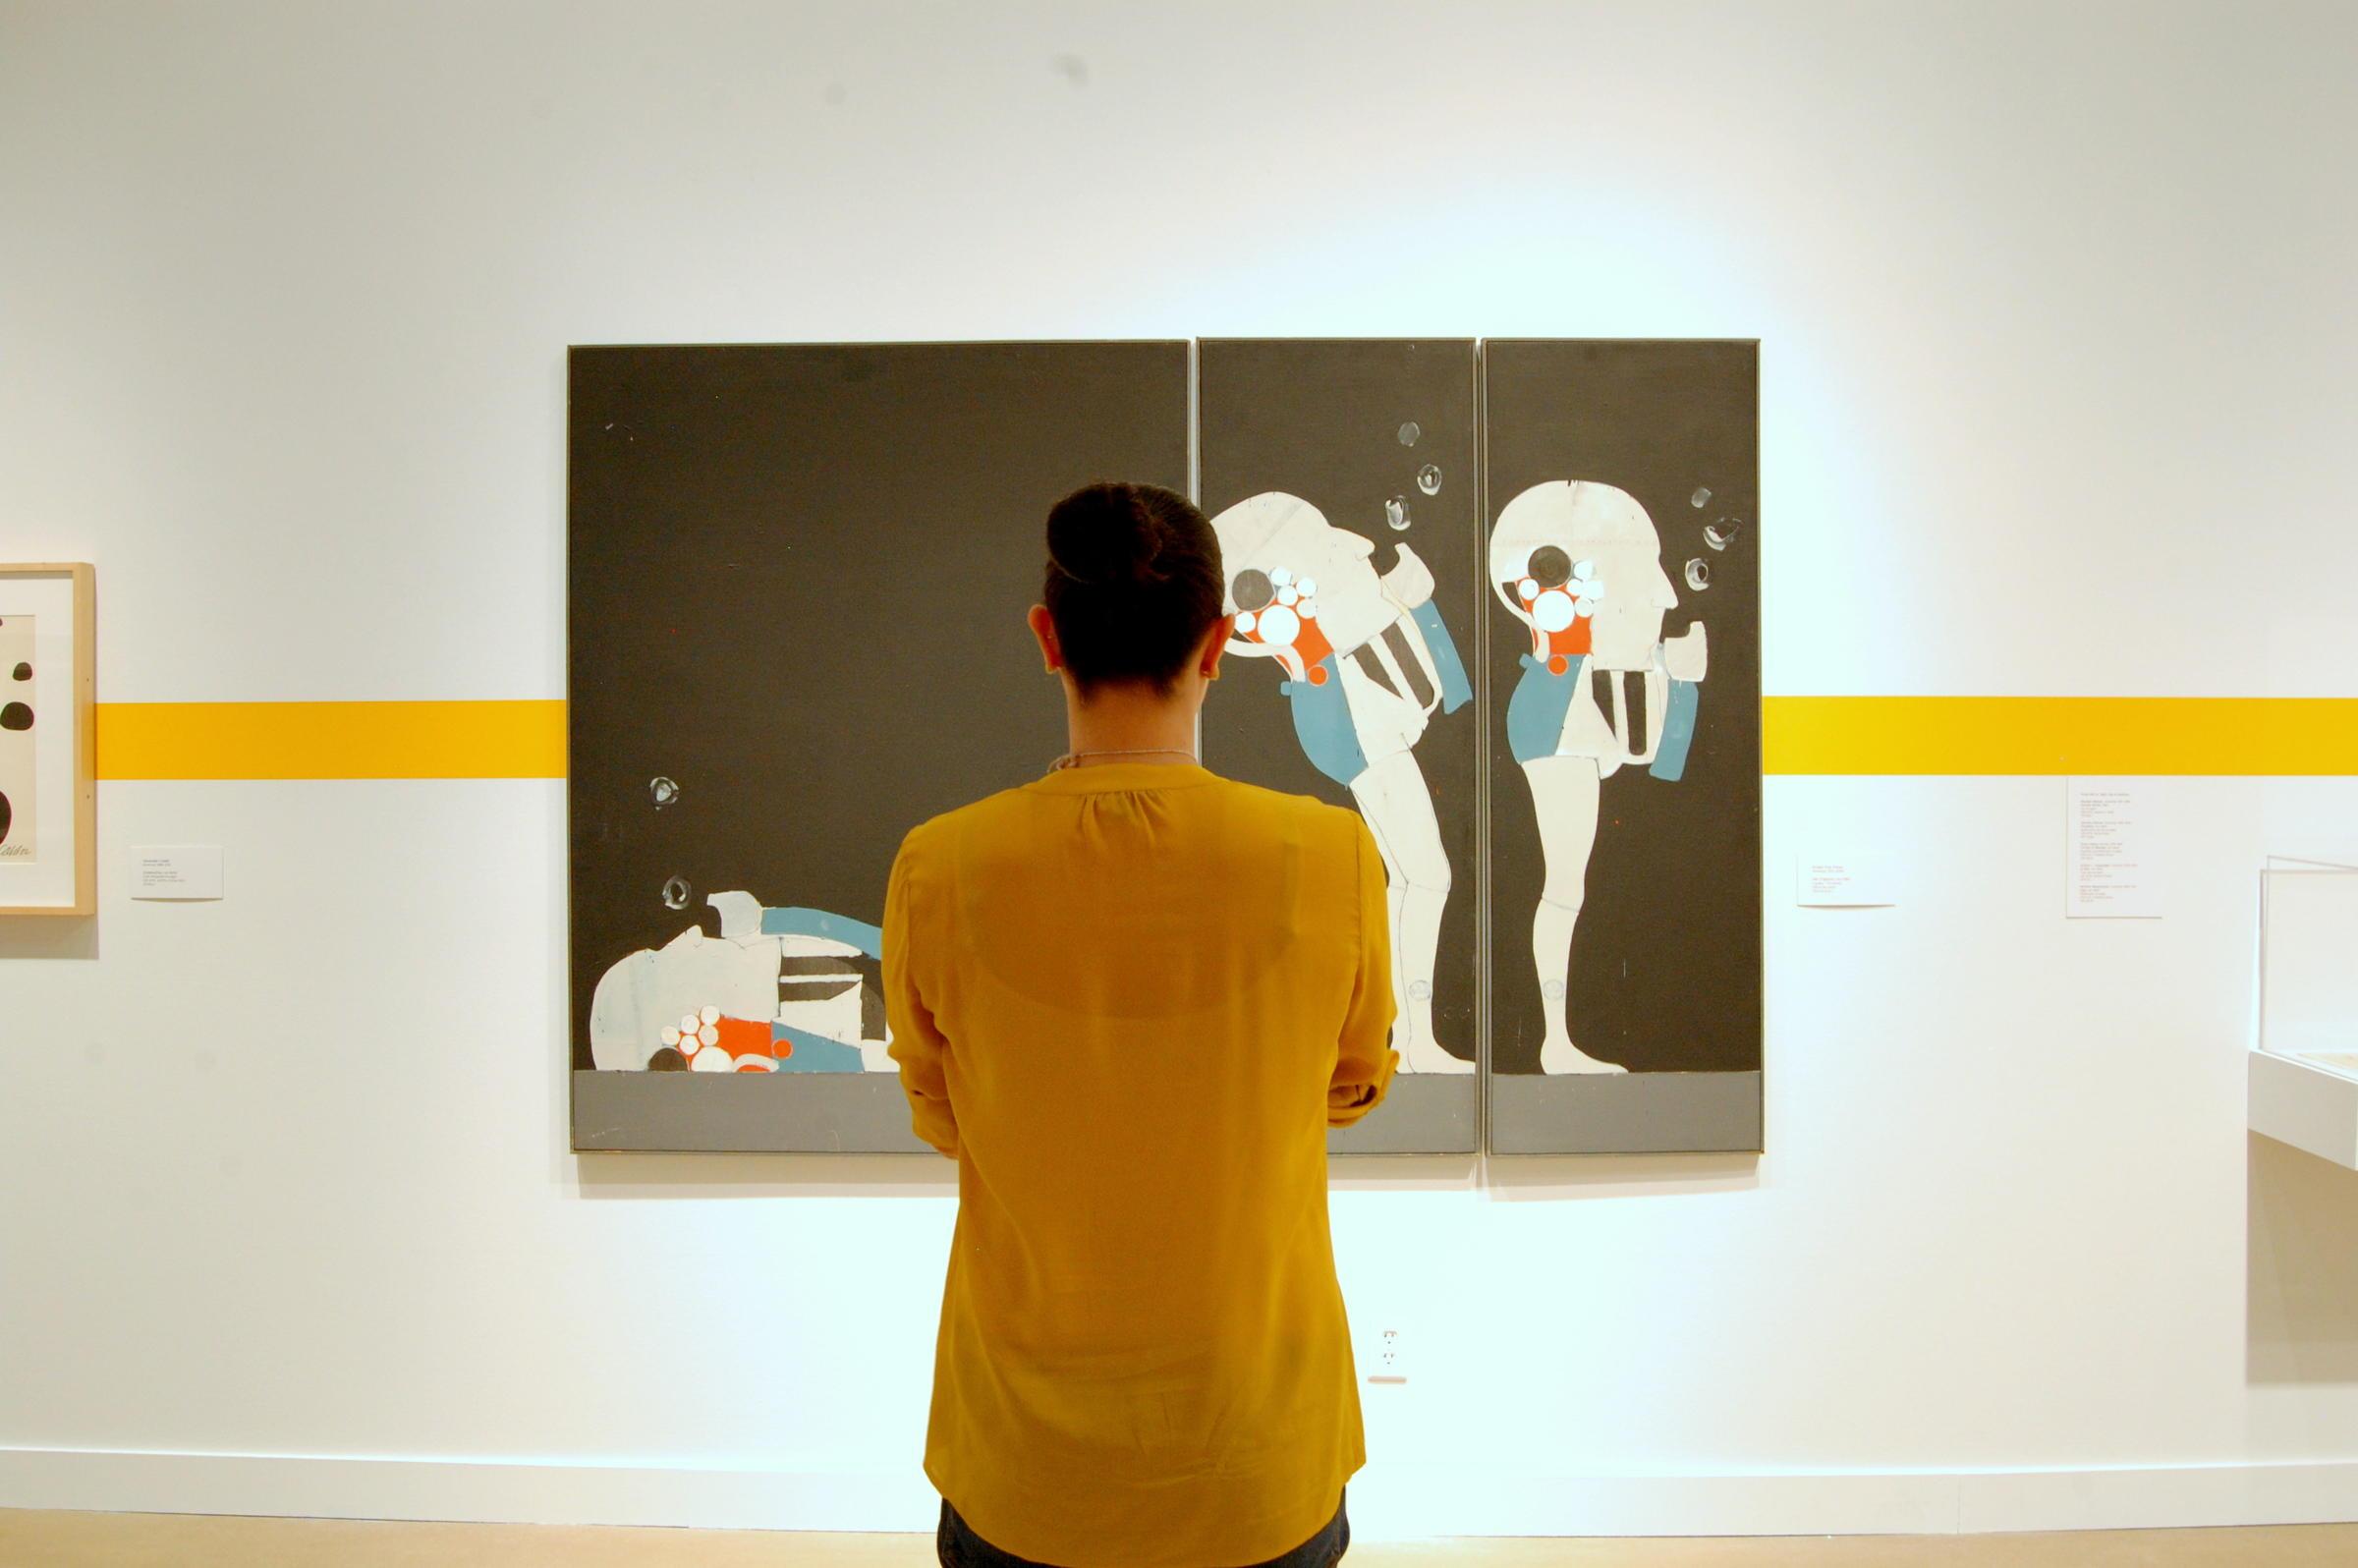 Looking at art photo